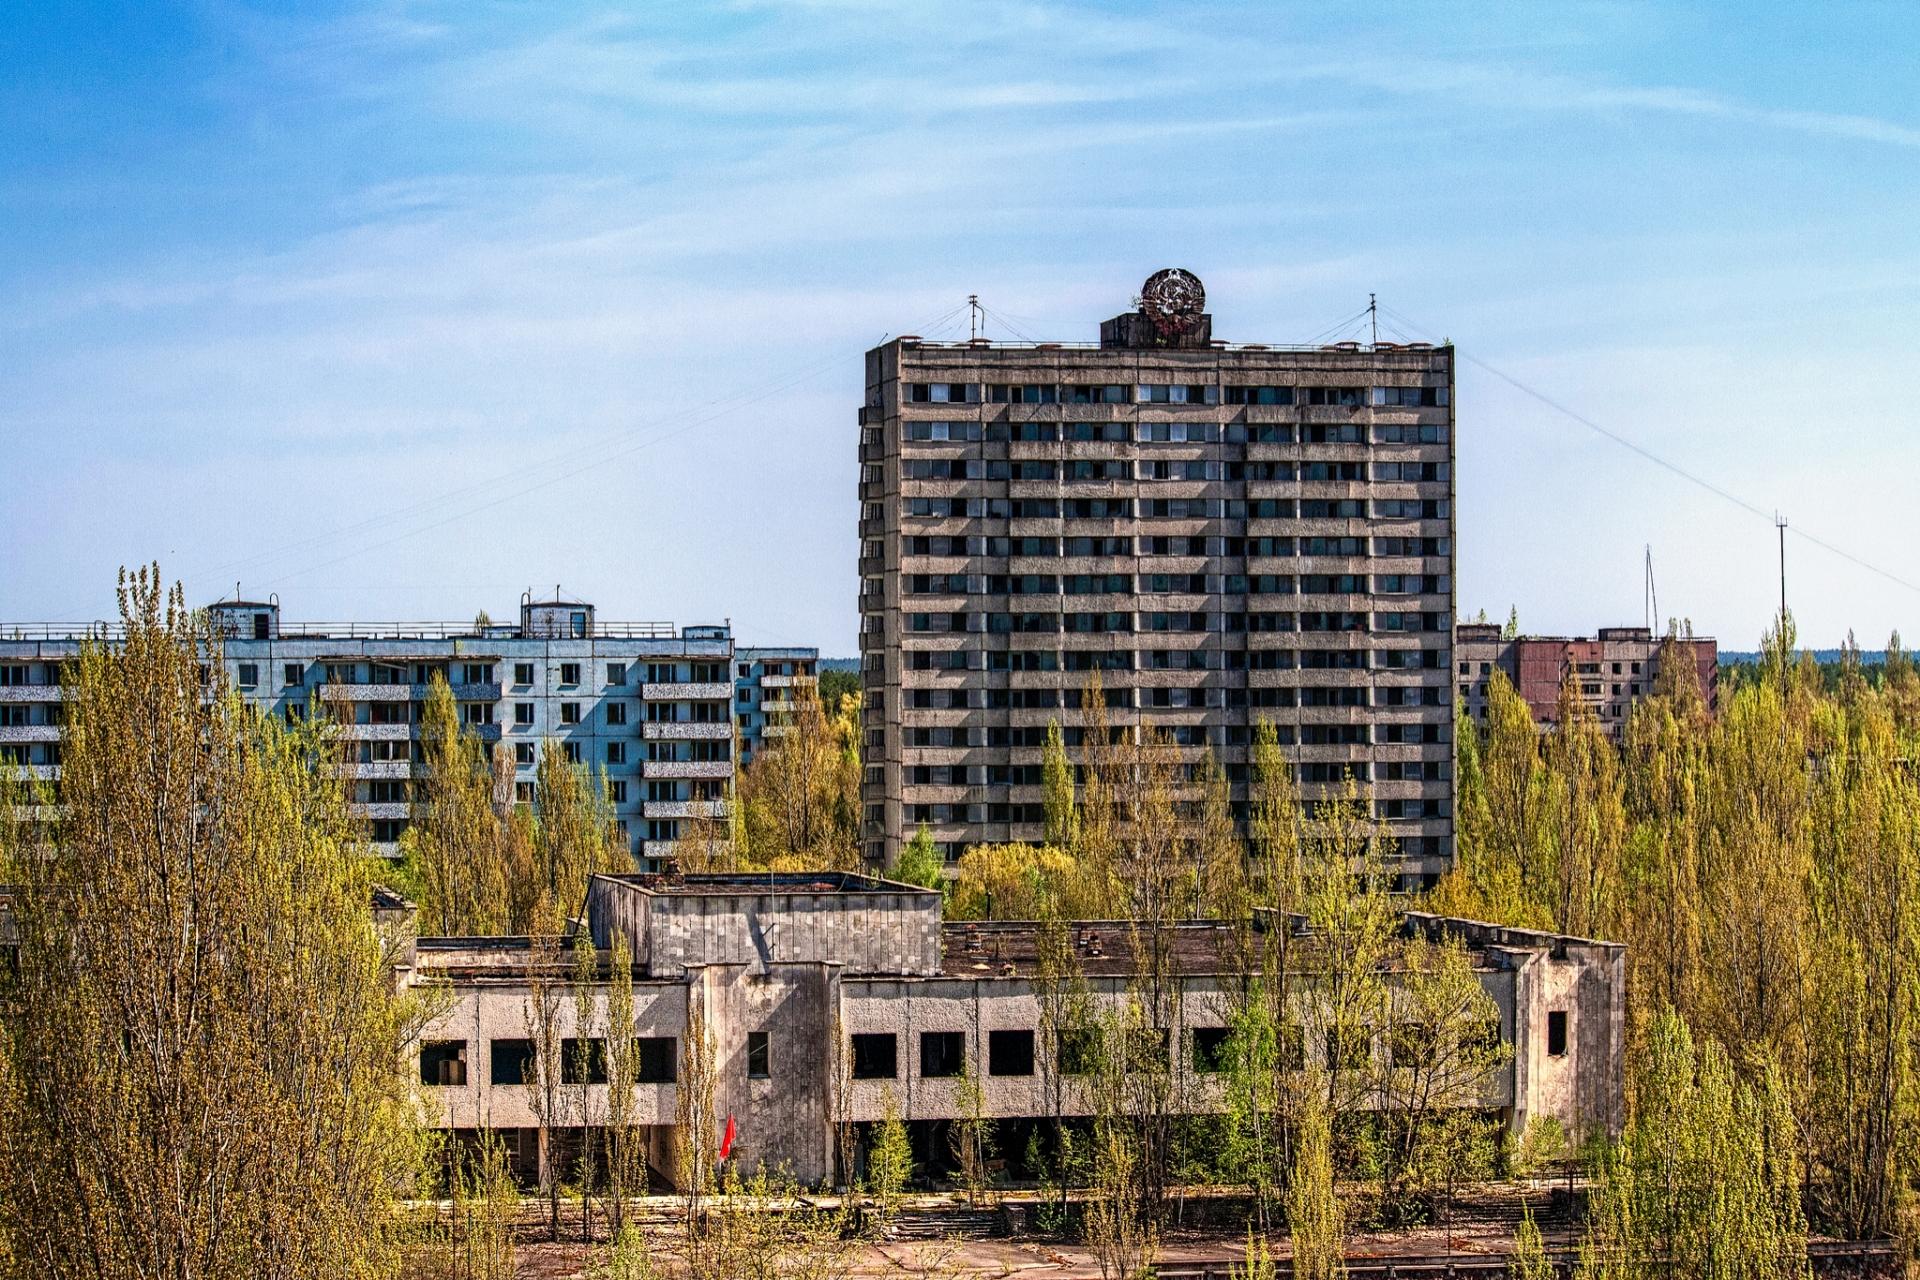 проведение фотографии города чернобыль покрышке